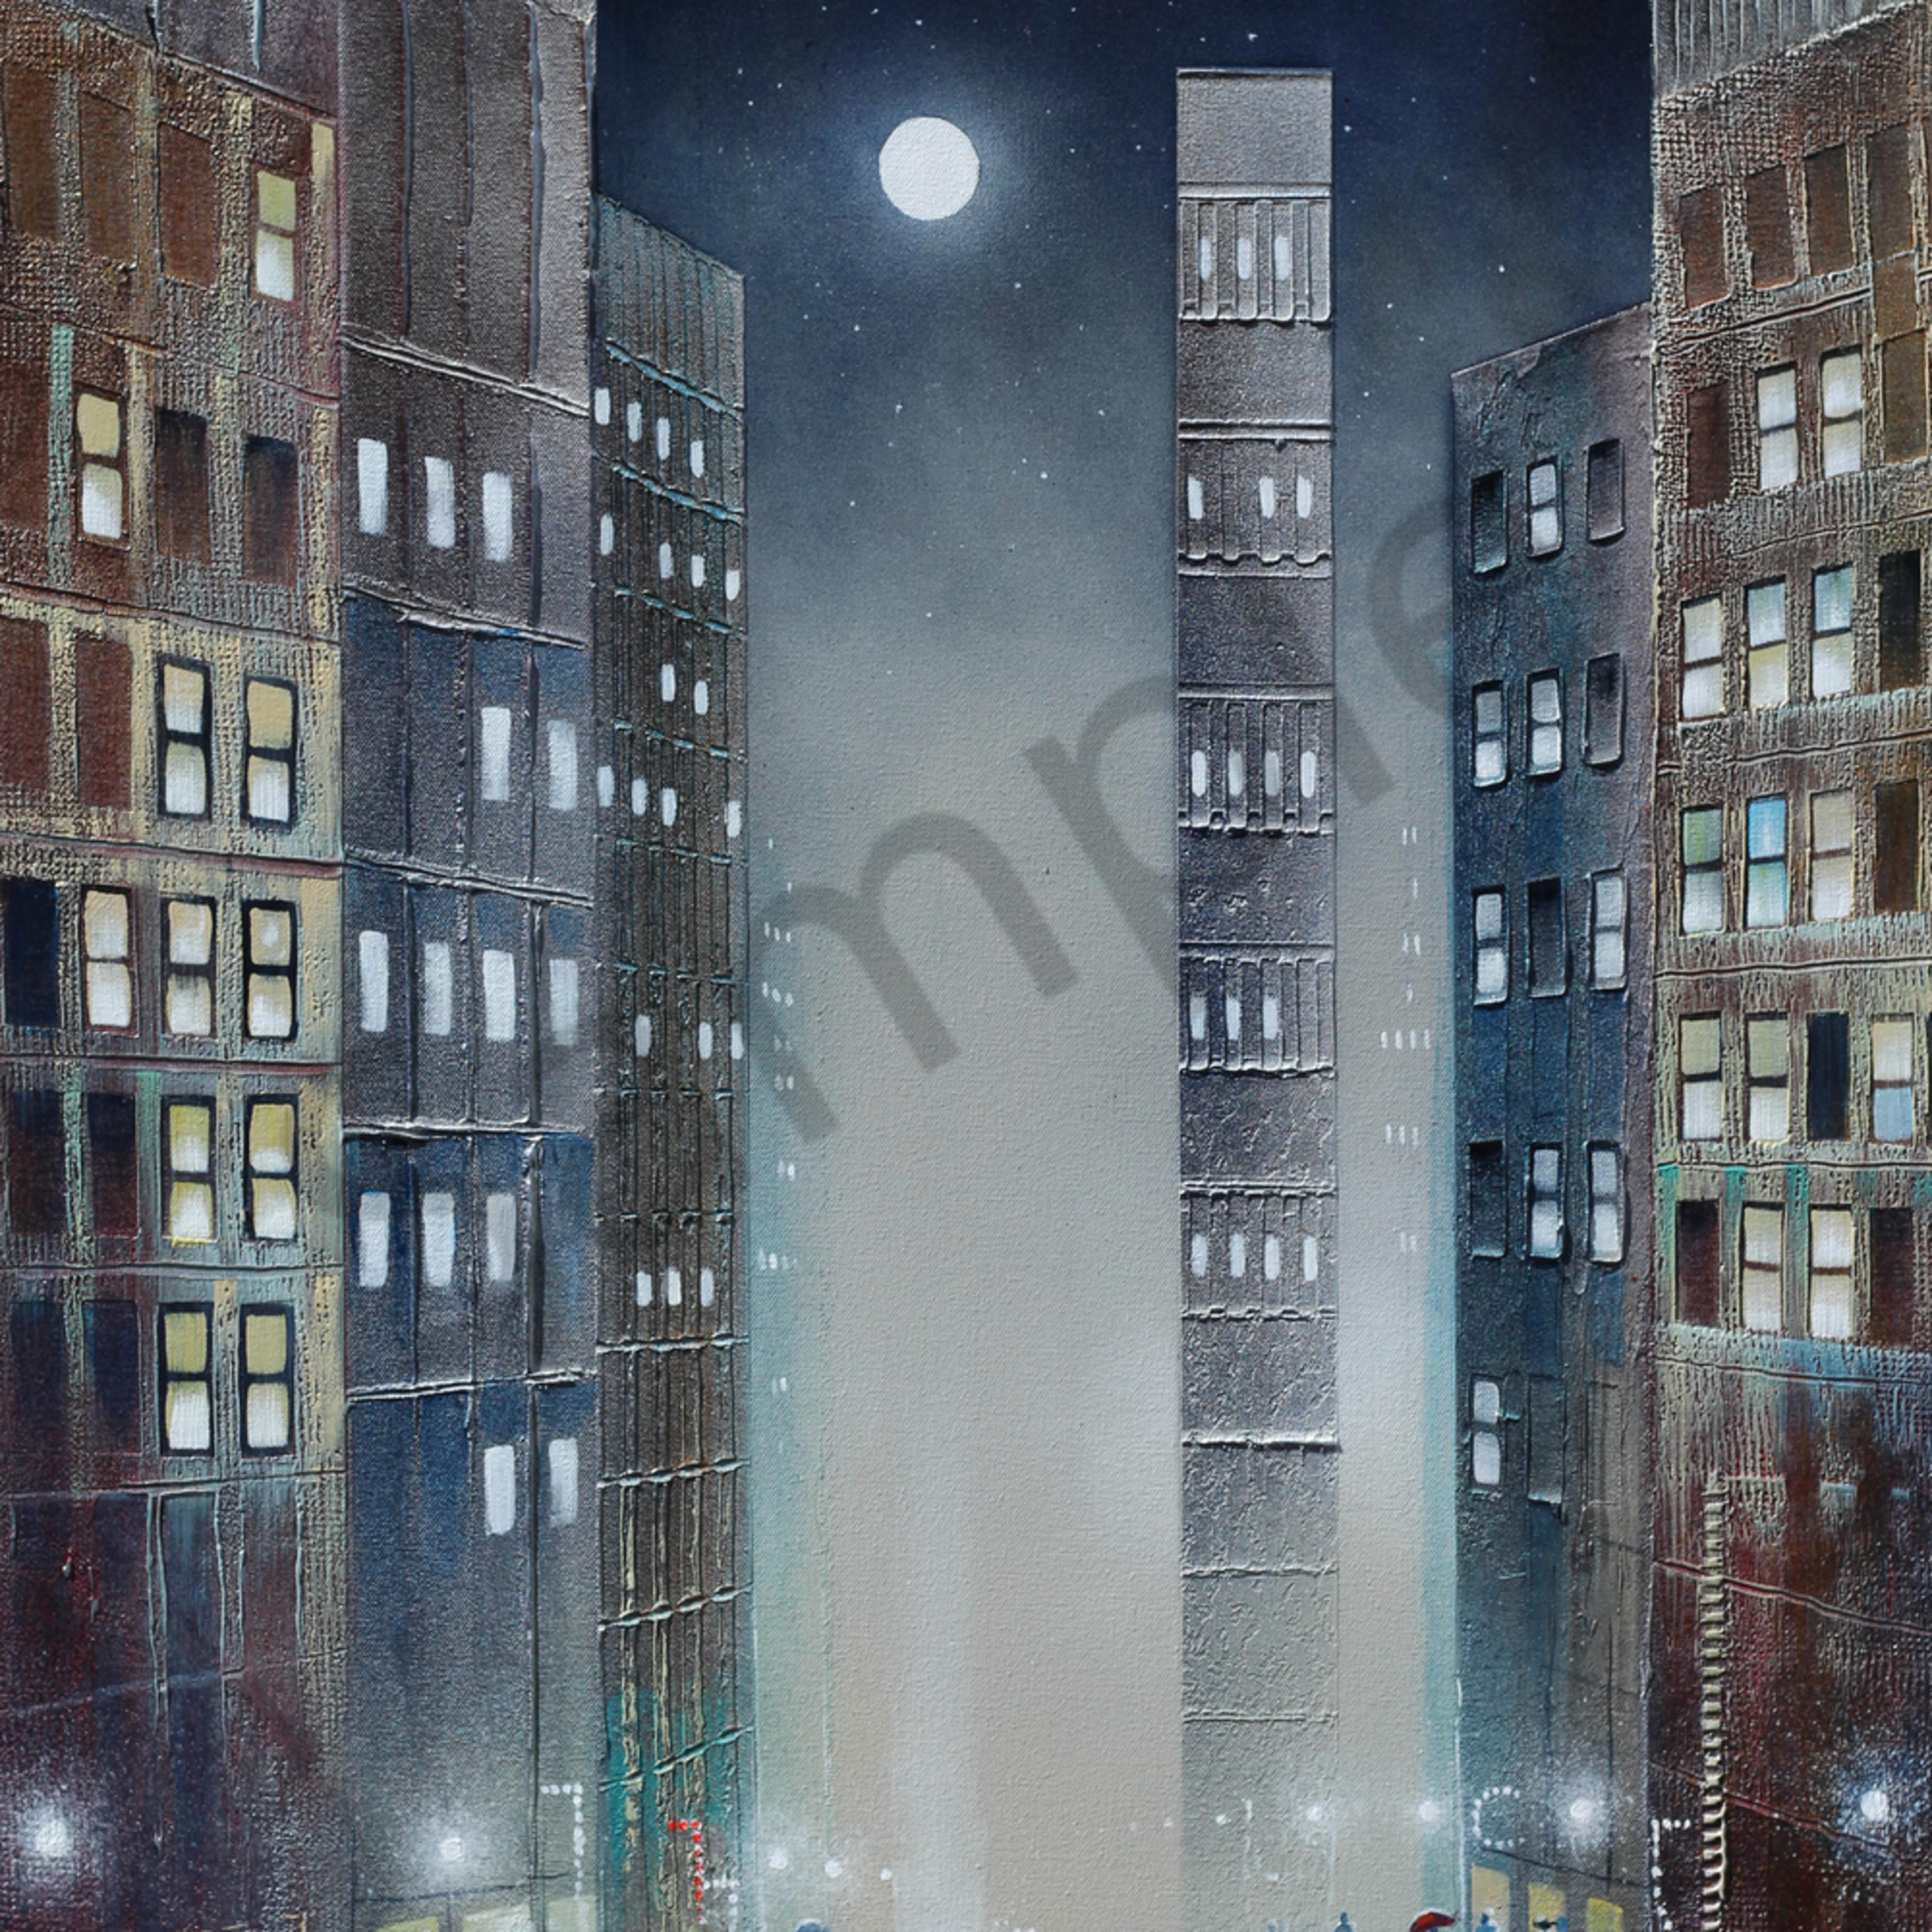 City moon 1 of 1 agdtzh